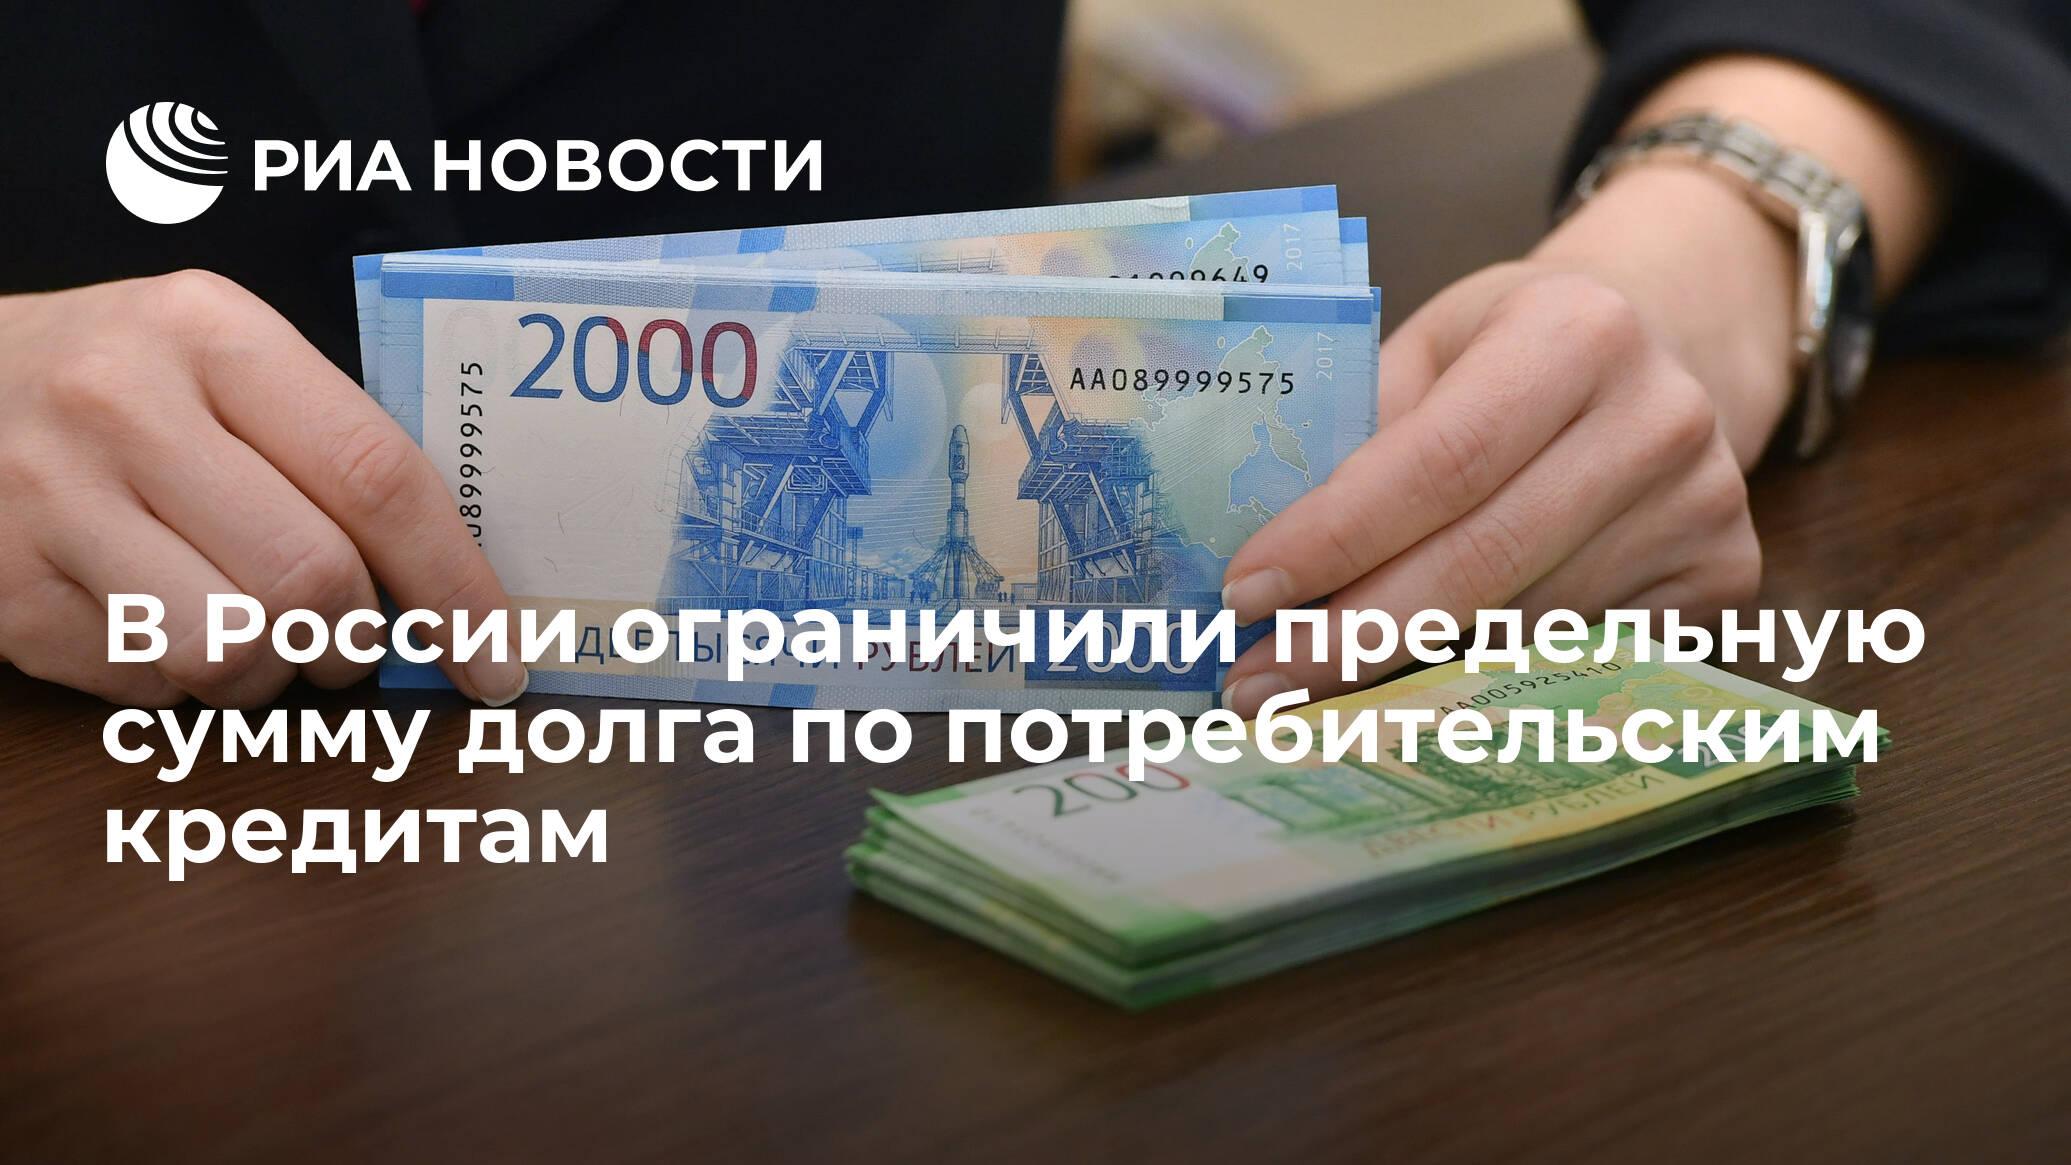 Совкомбанк кредит онлайн заявка на кредит